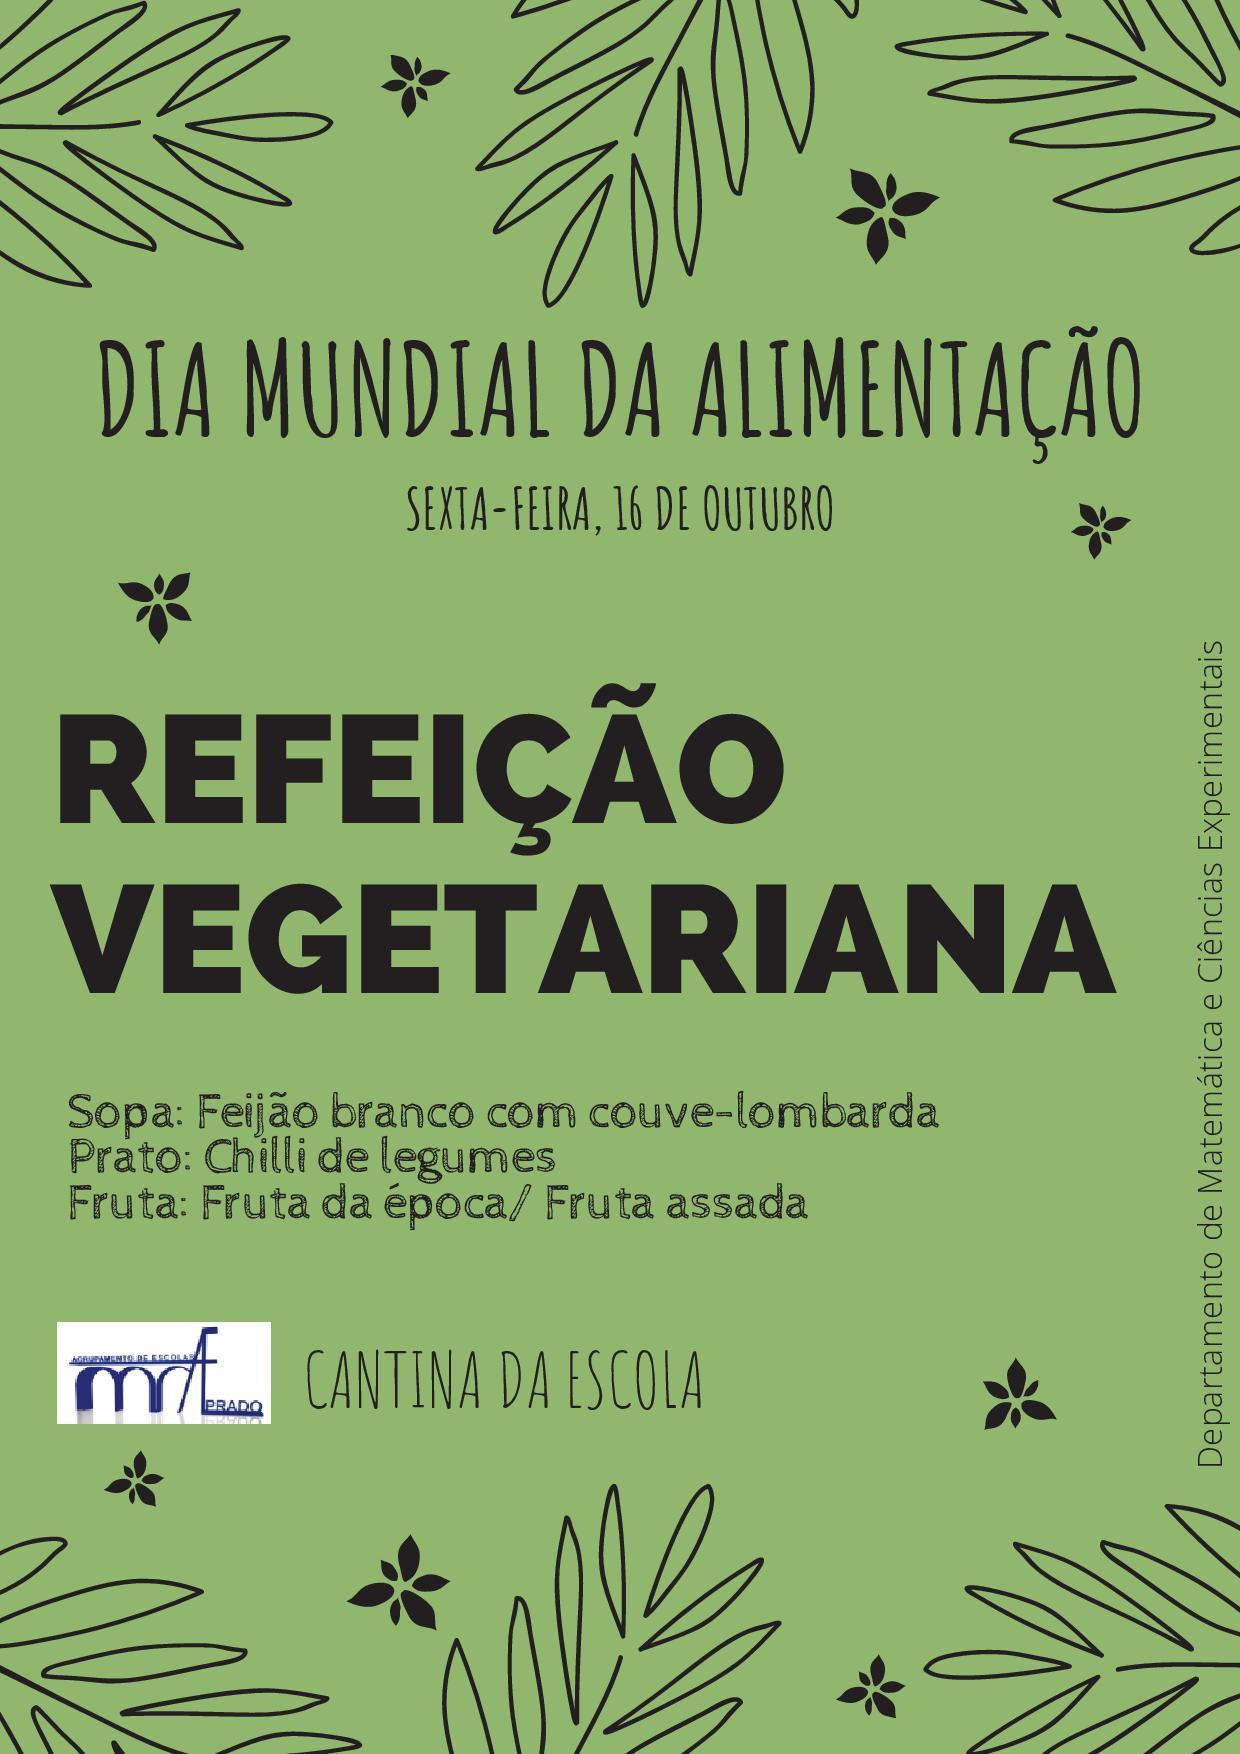 dia_da_alimentacao2020_2